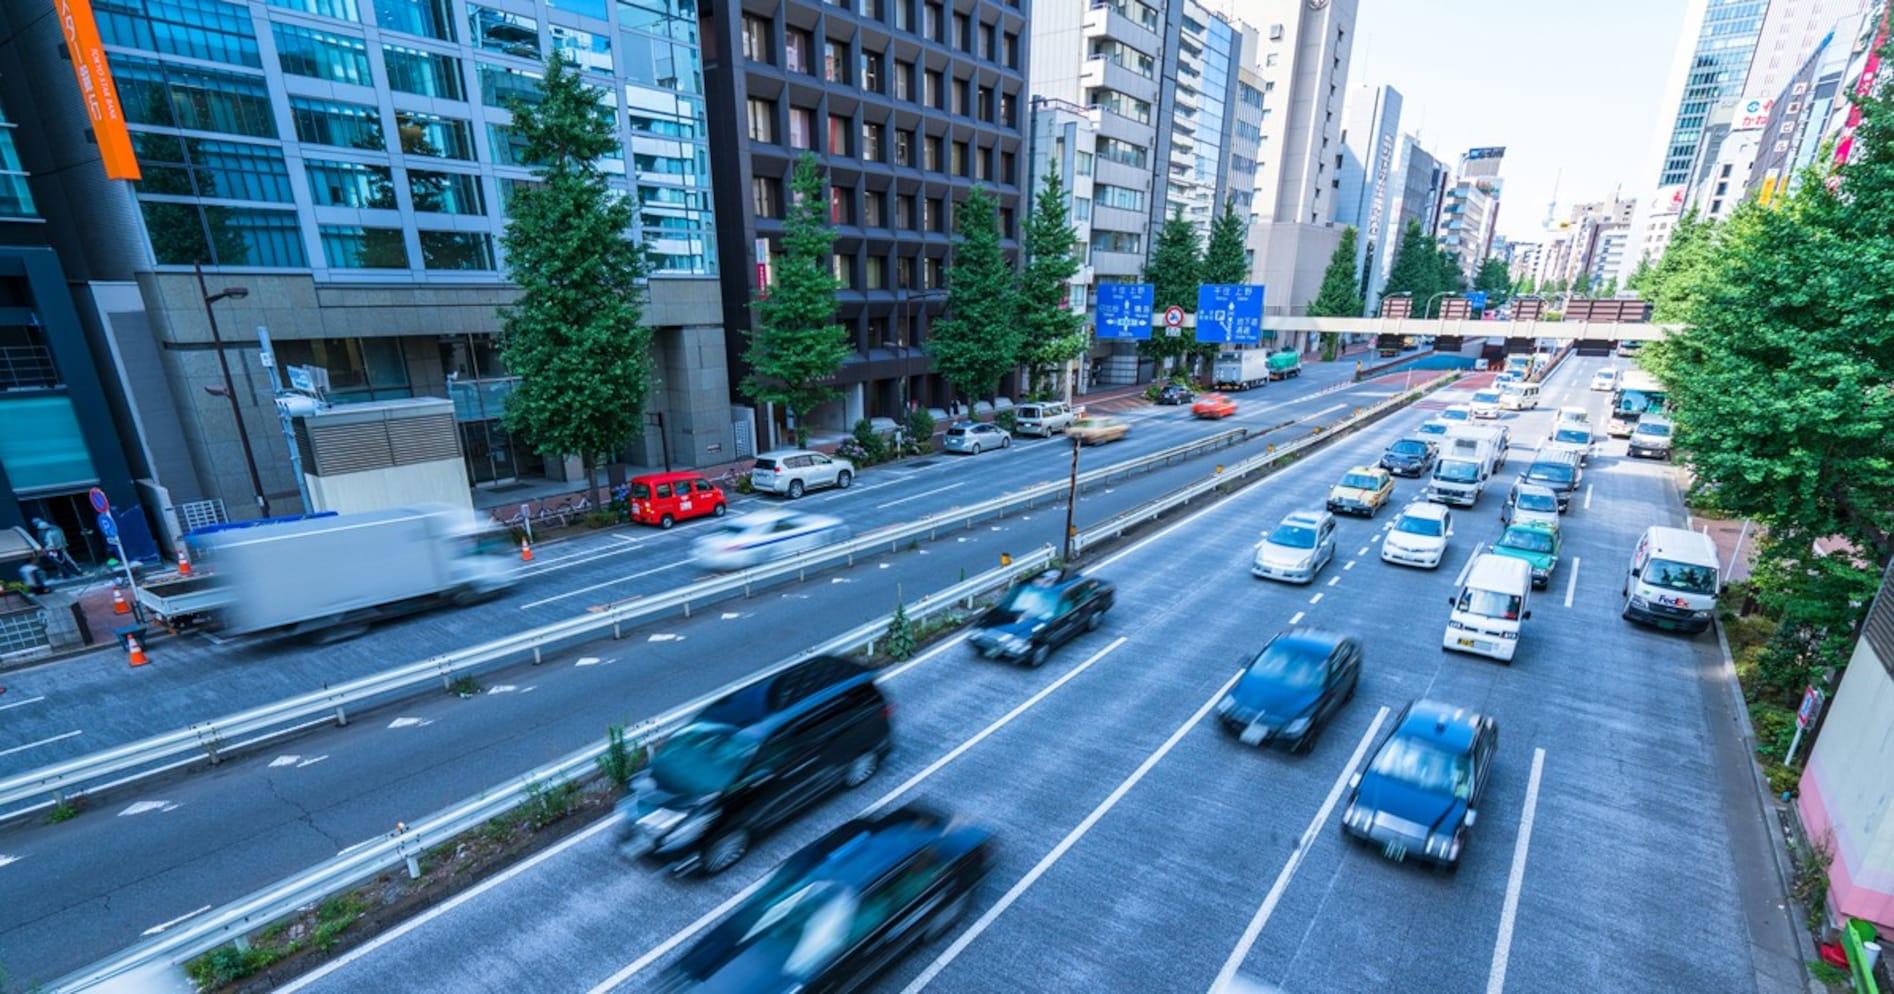 交通事故死者数は減少。実は人口あたりの死者数は東京都がいちばん少ない?